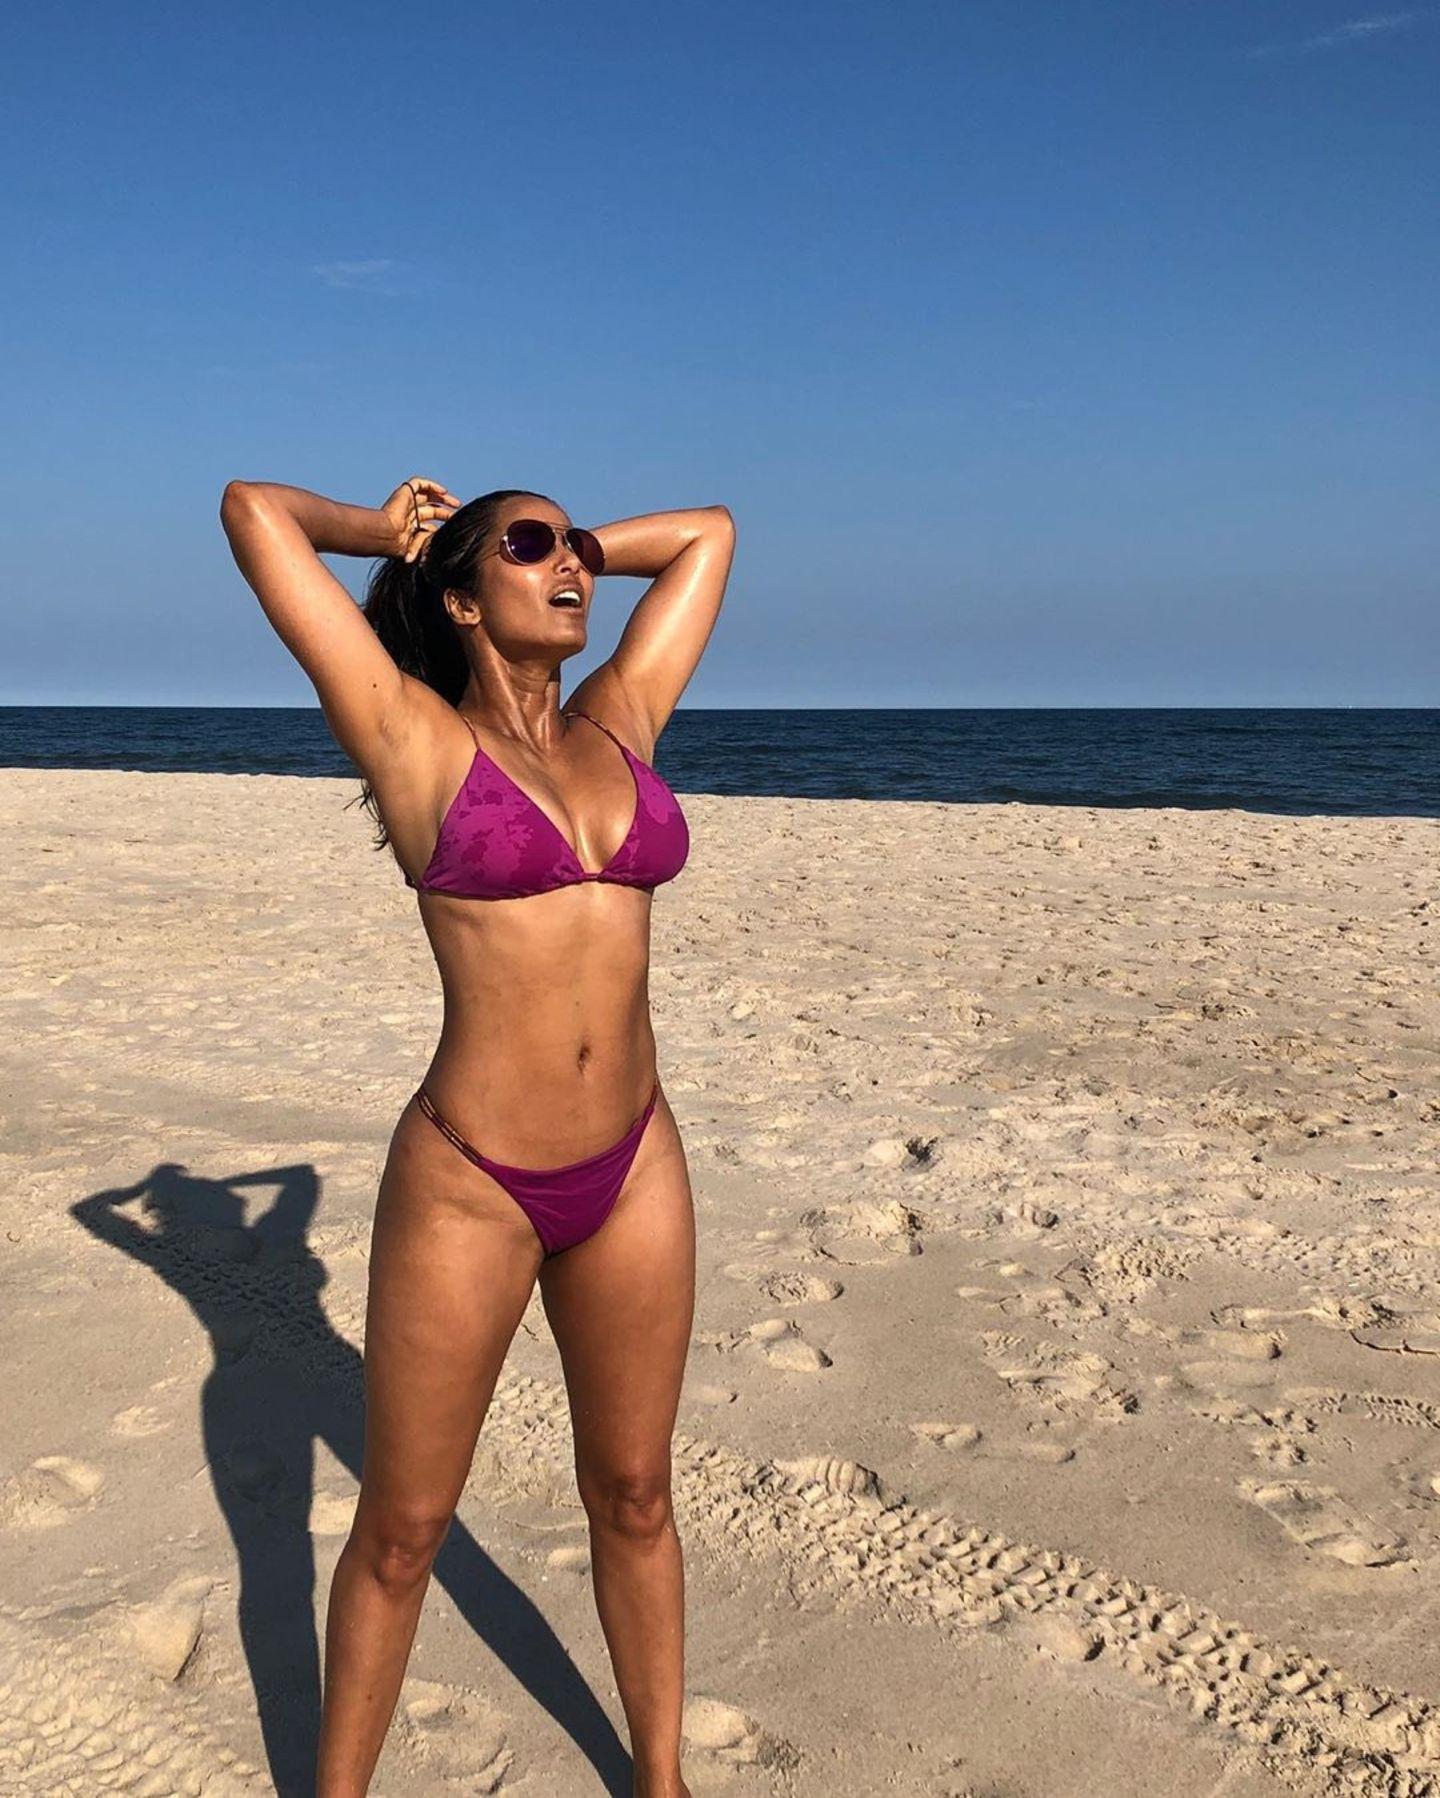 Moderatorin Padma Lakshmi veredelt mit ihrem Traumkörper - der übrigens 48 Jahre zählt - den Strand in den Hamptons.